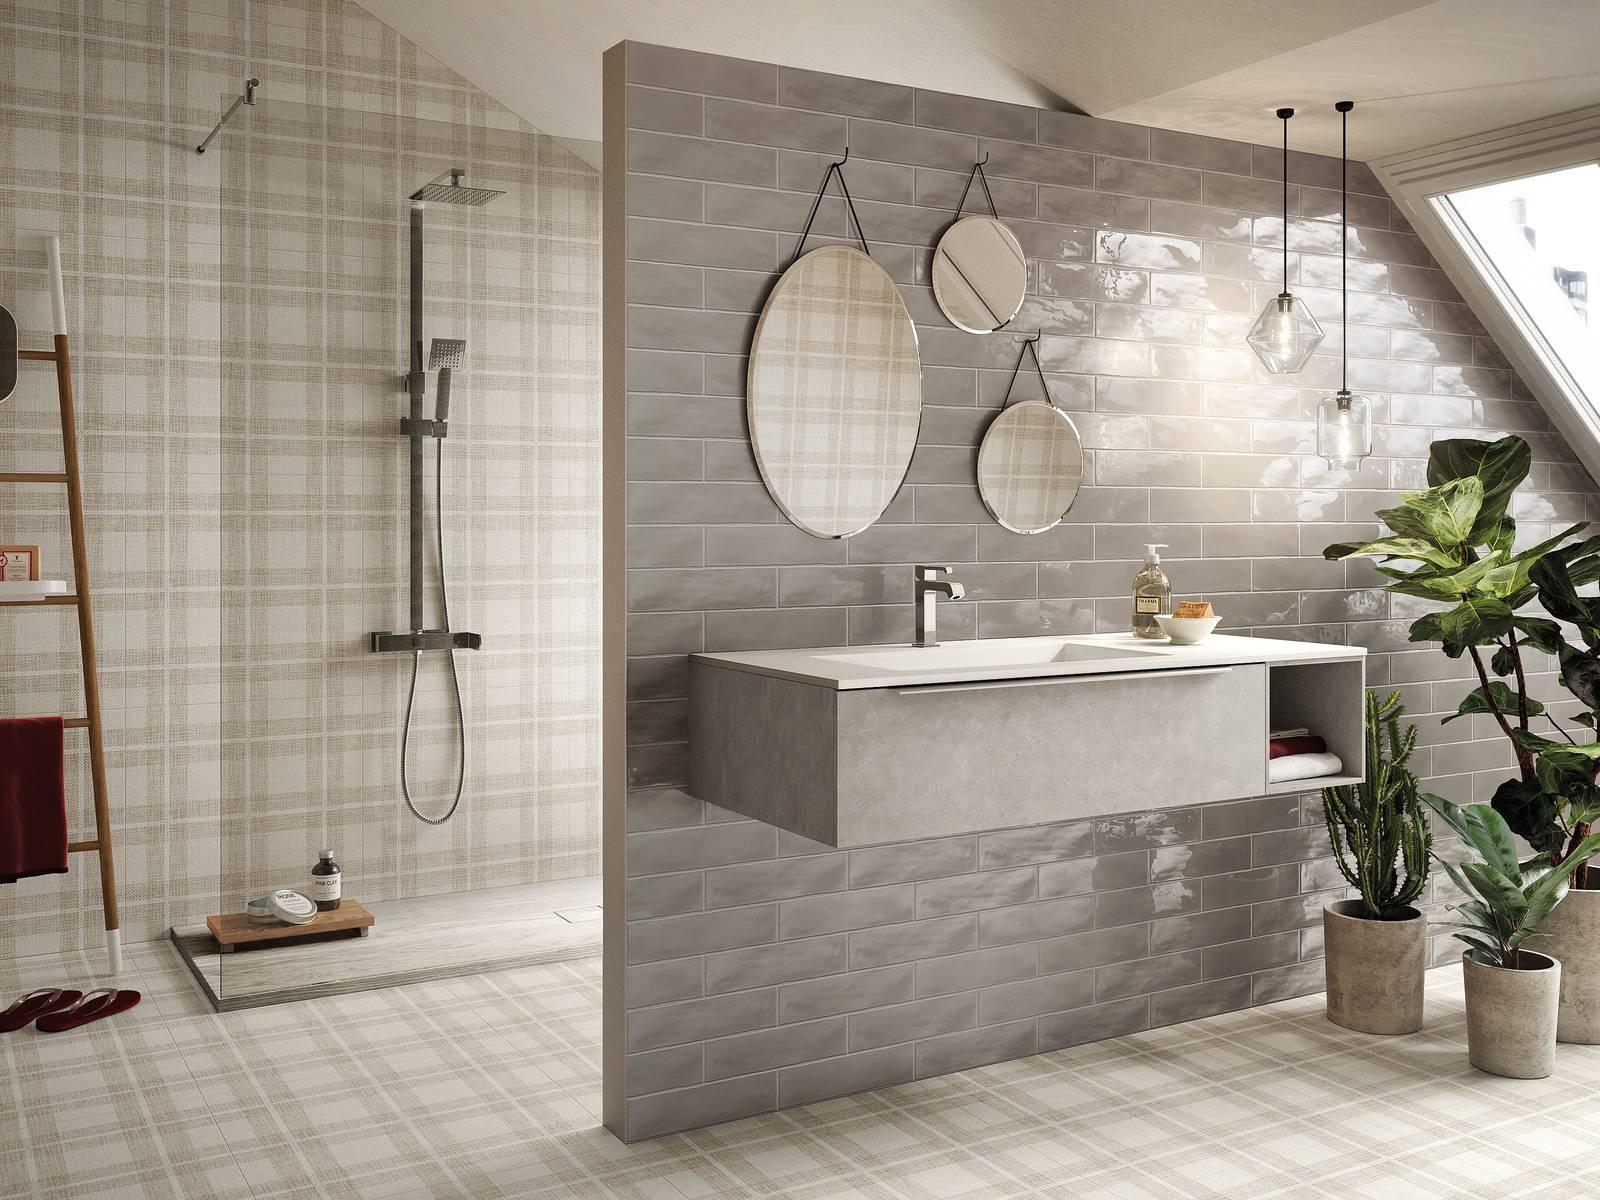 Ristrutturazione Completa Casa Costi ristrutturare il bagno senza più pensieri - cose di casa